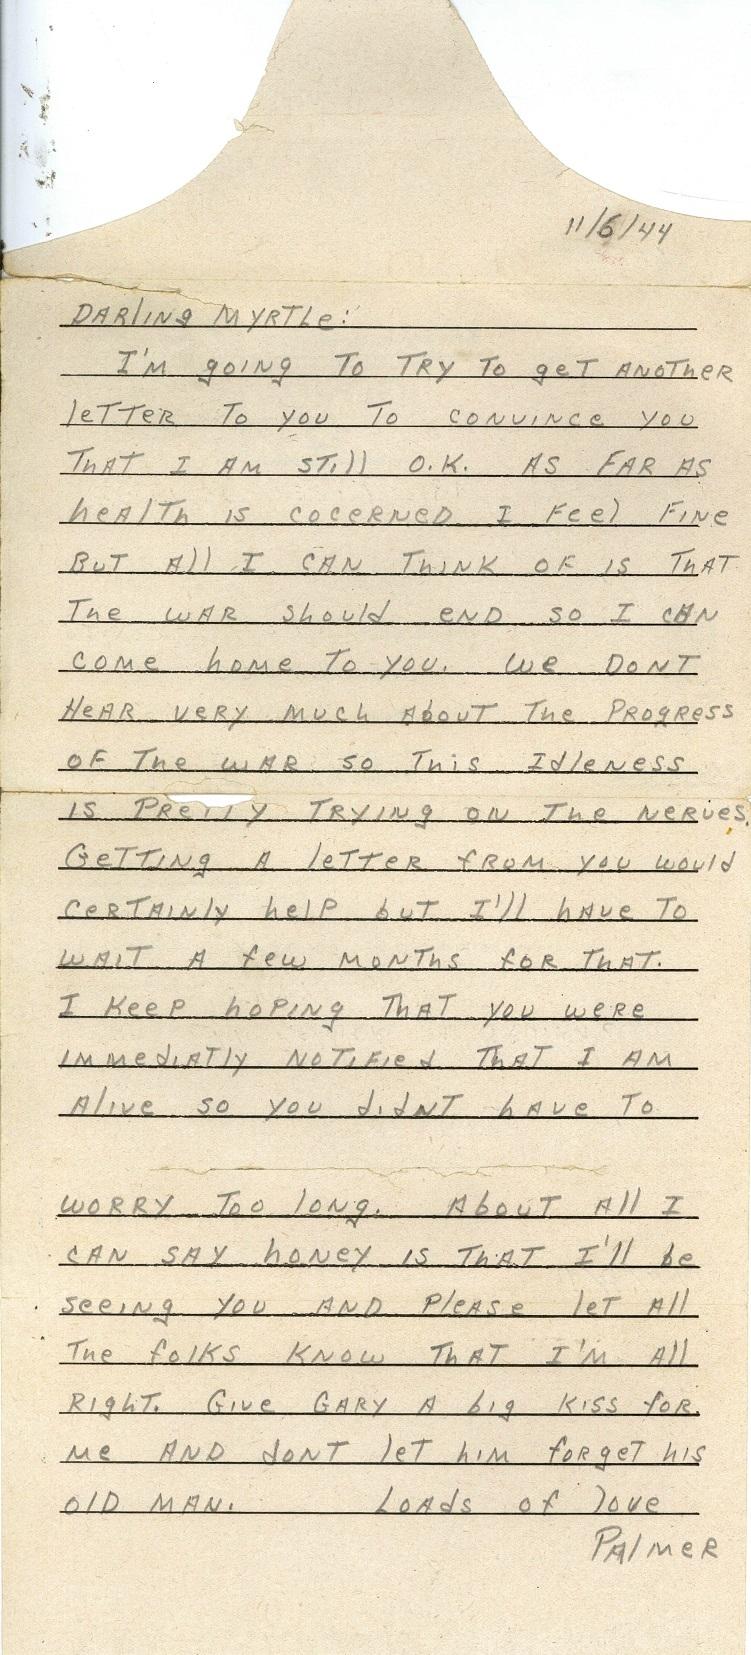 Bruland letter 11-6-44